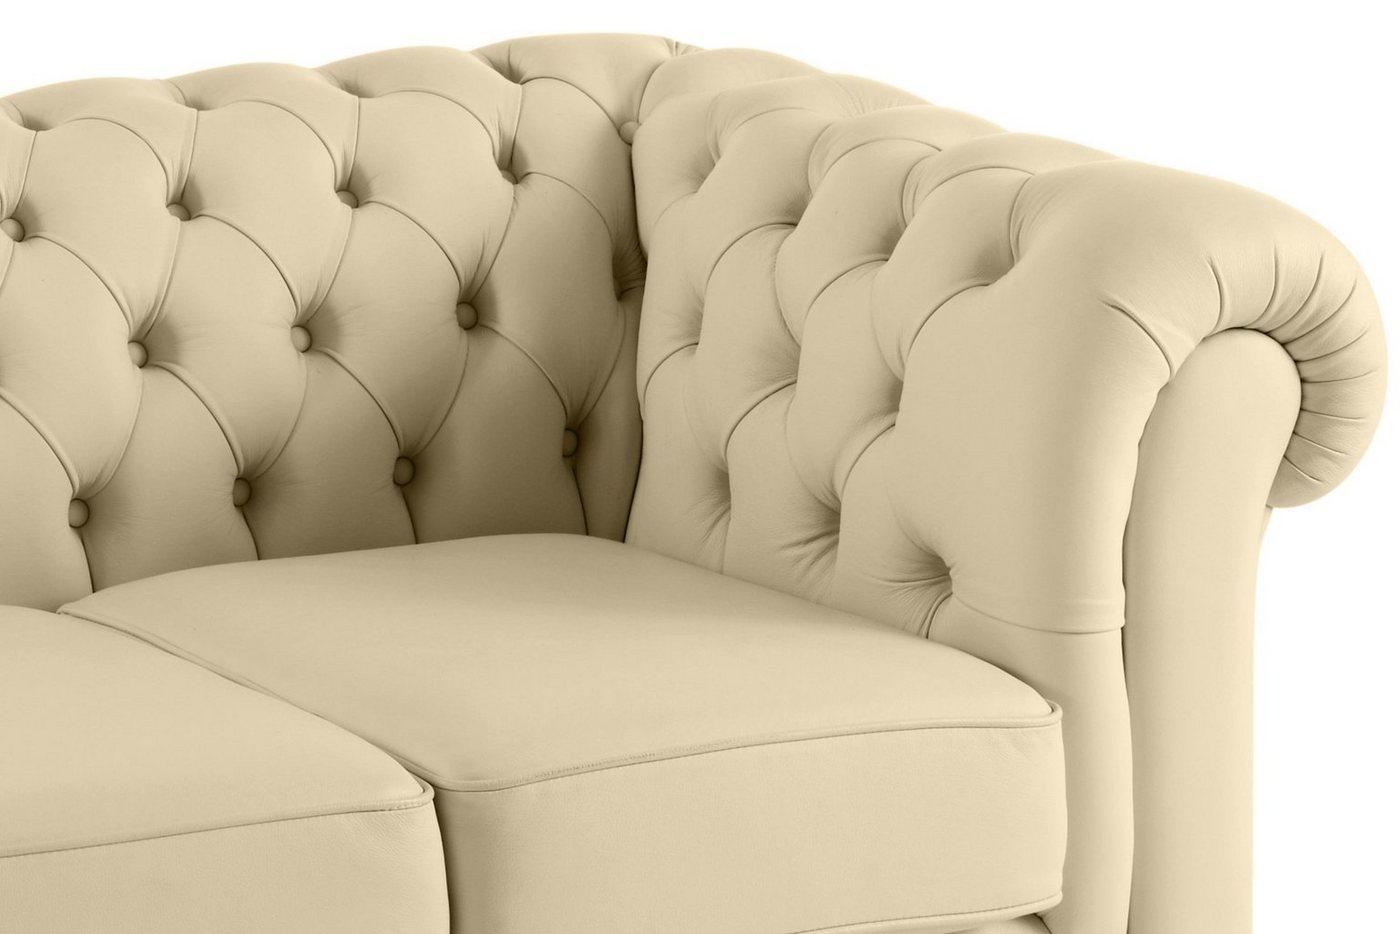 Polstermöbel bezug | Machen Sie den Preisvergleich bei Nextag